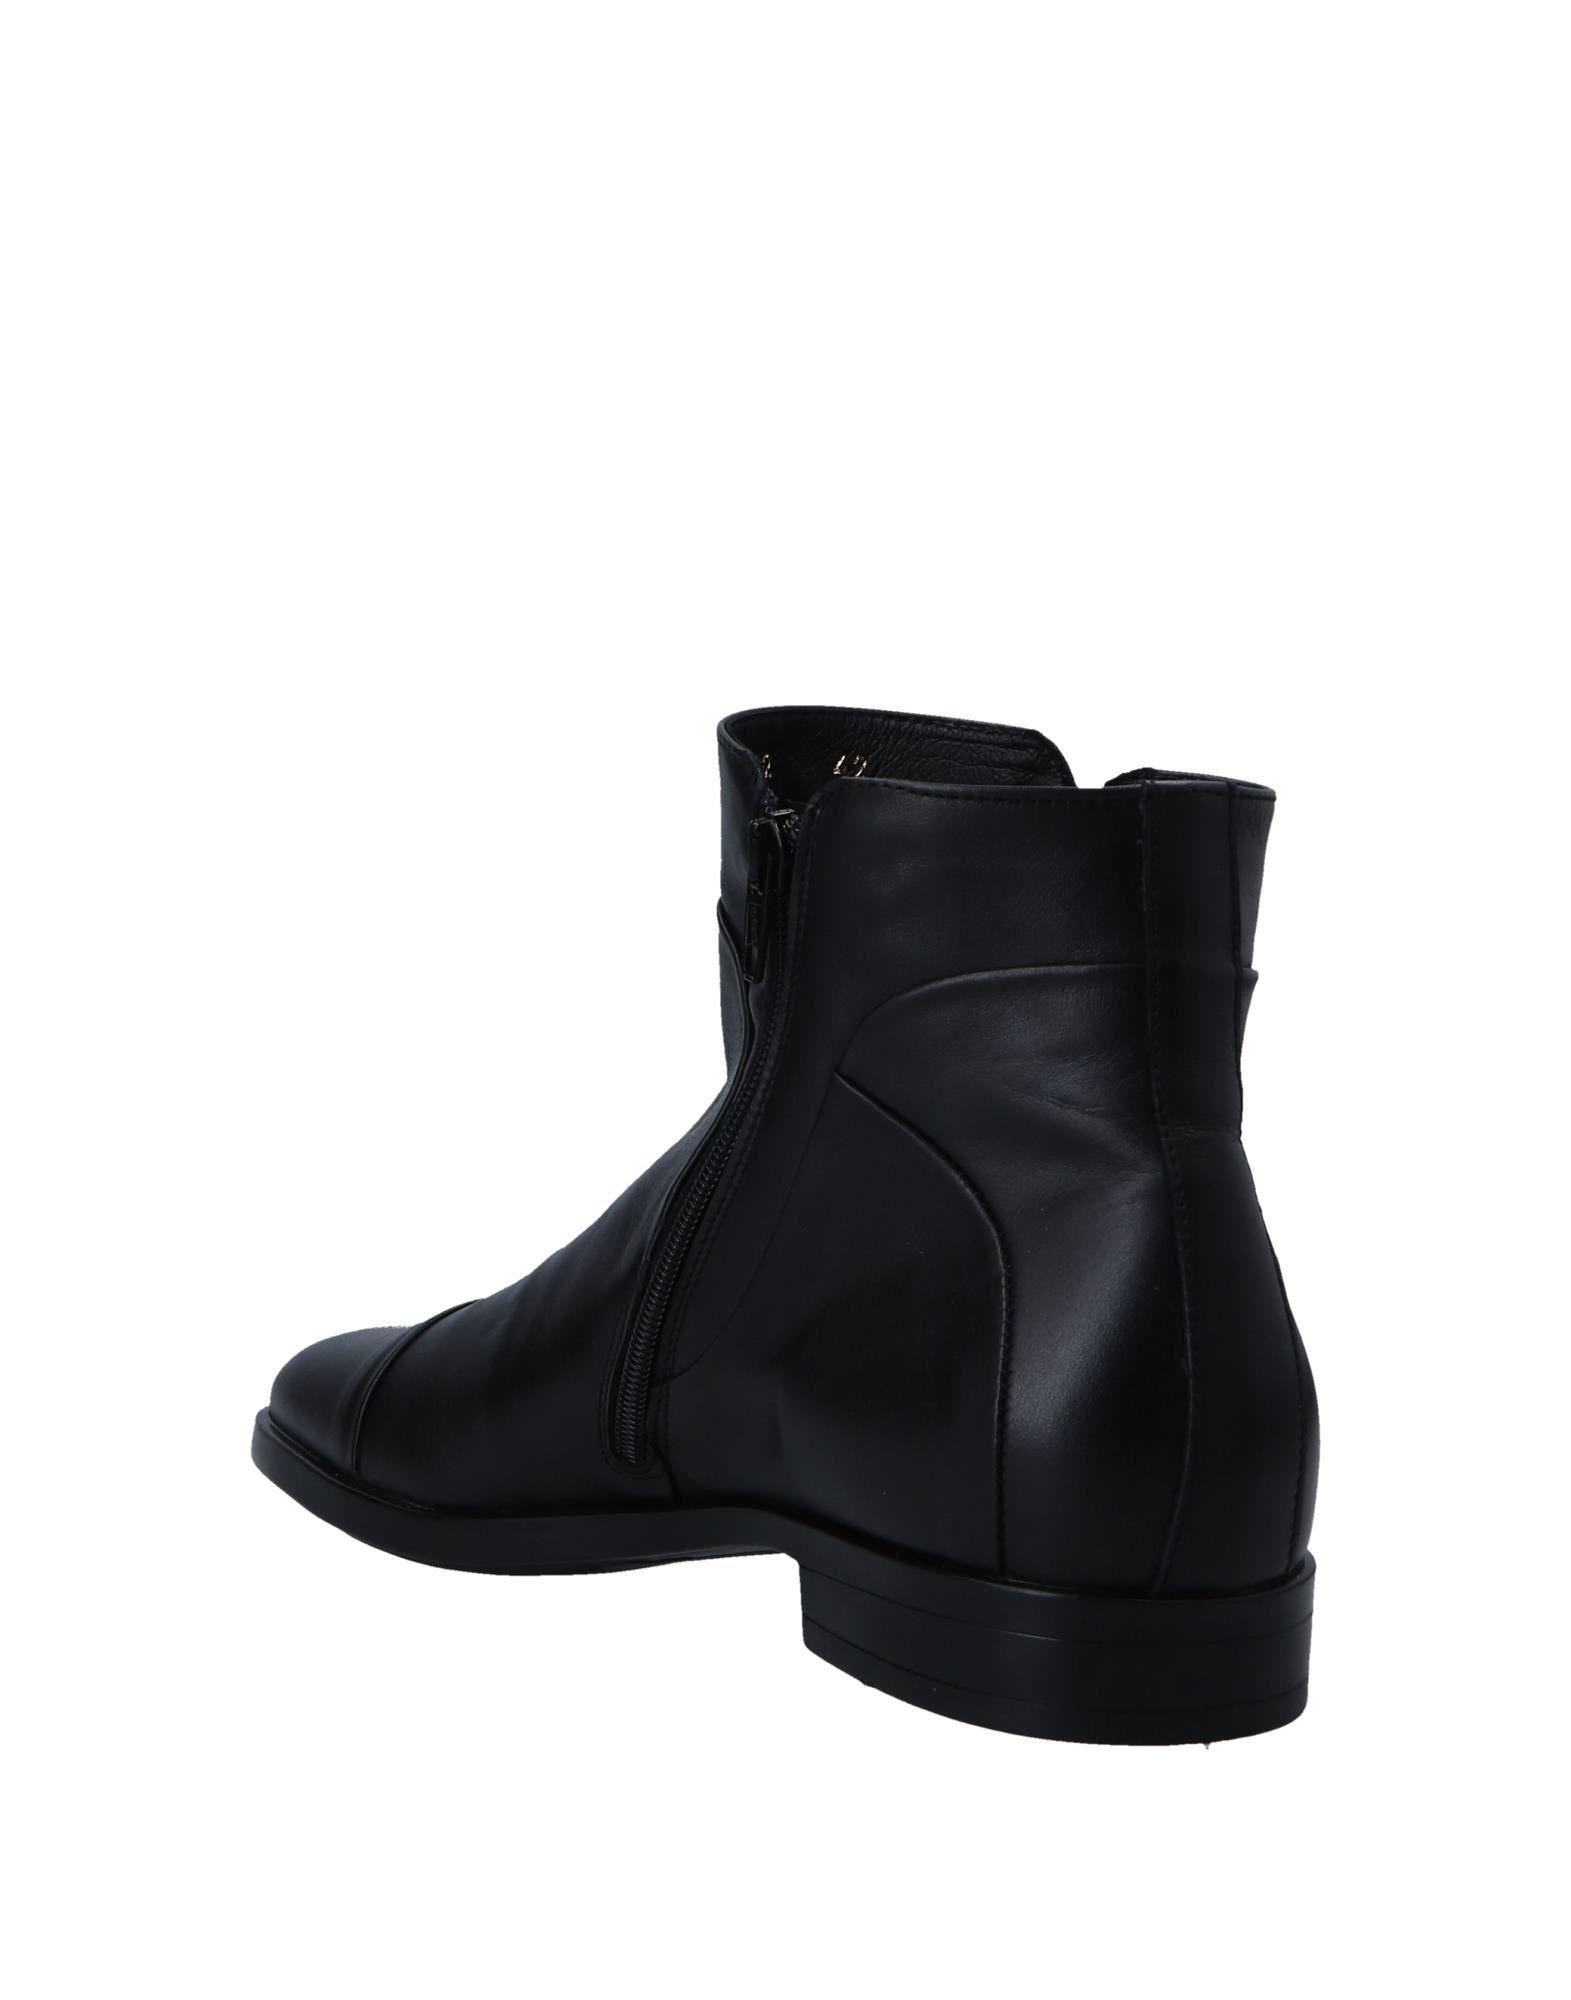 Gianfranco Lattanzi Stiefelette Herren  11547092WI Gute Qualität beliebte Schuhe